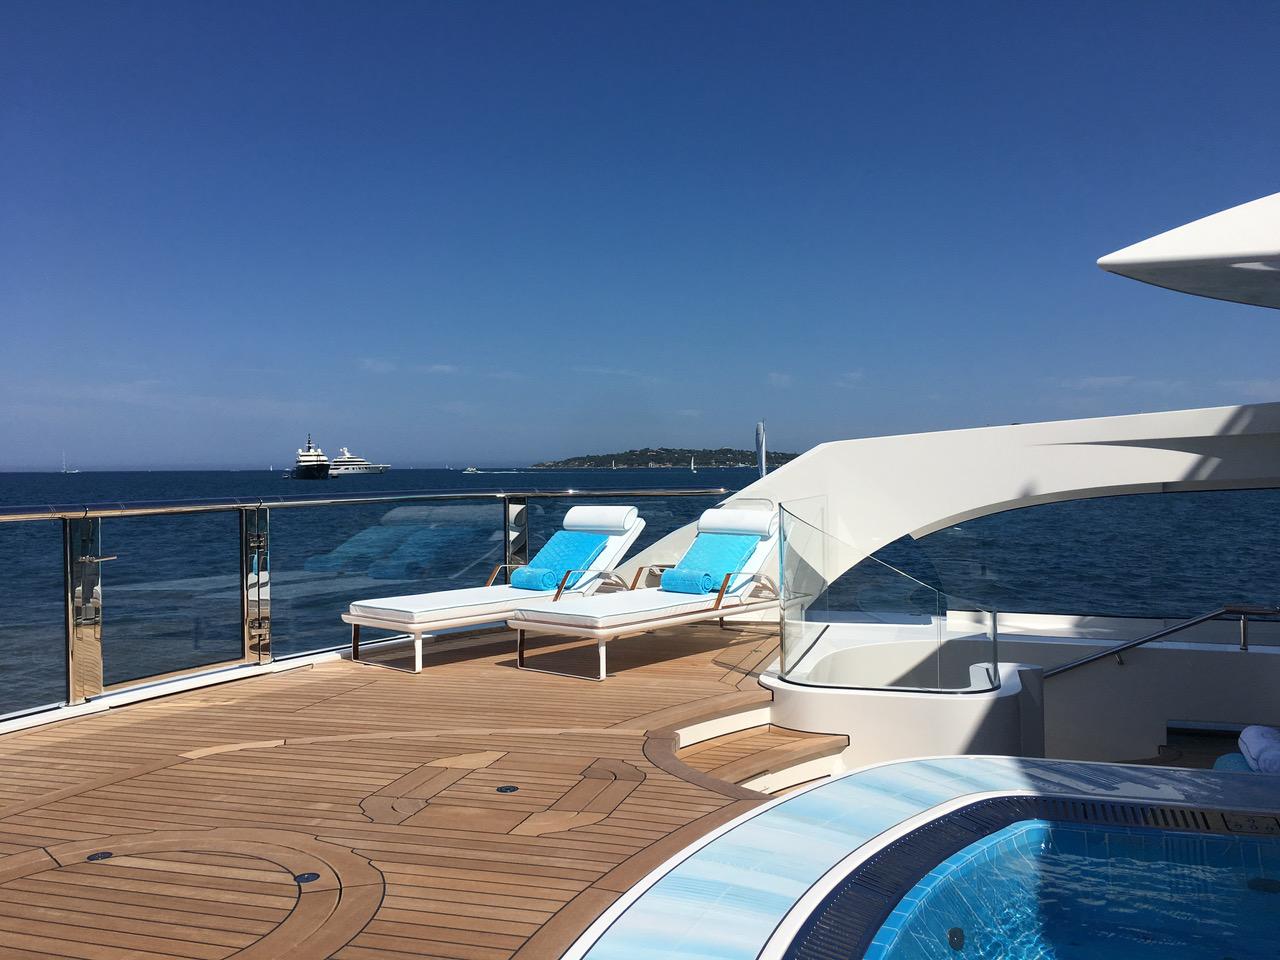 Superyacht Deck Design